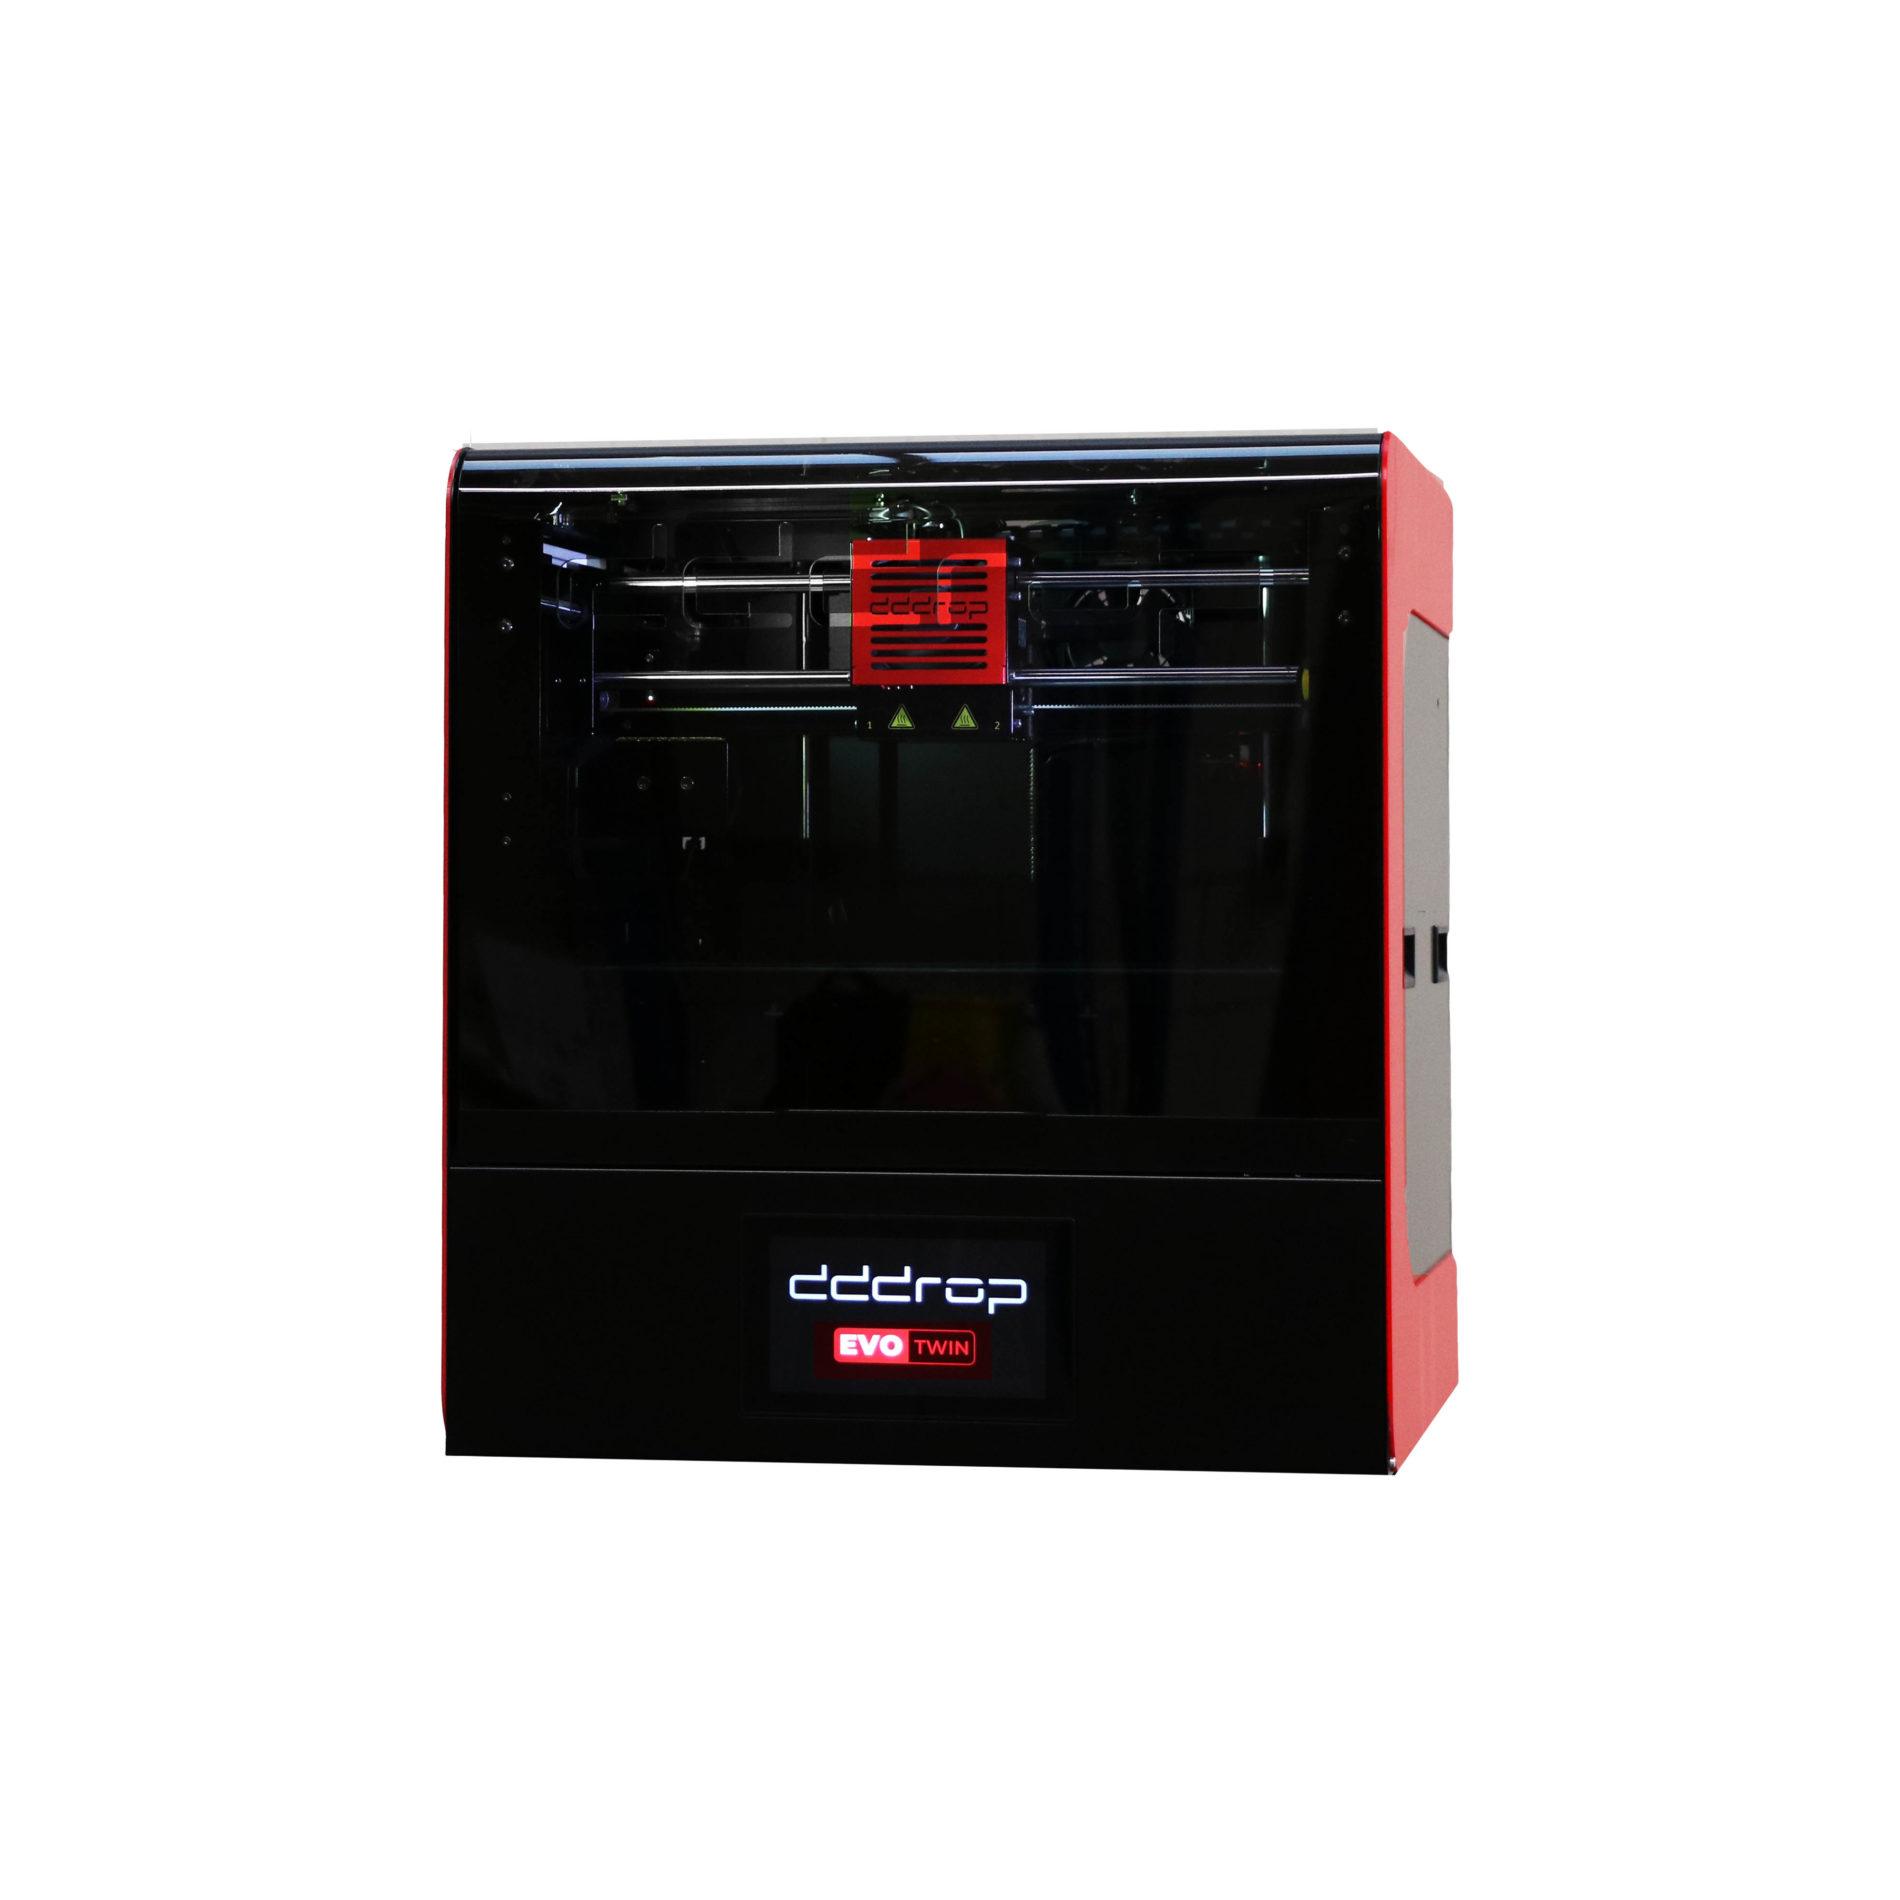 dddrop leader 3d printer